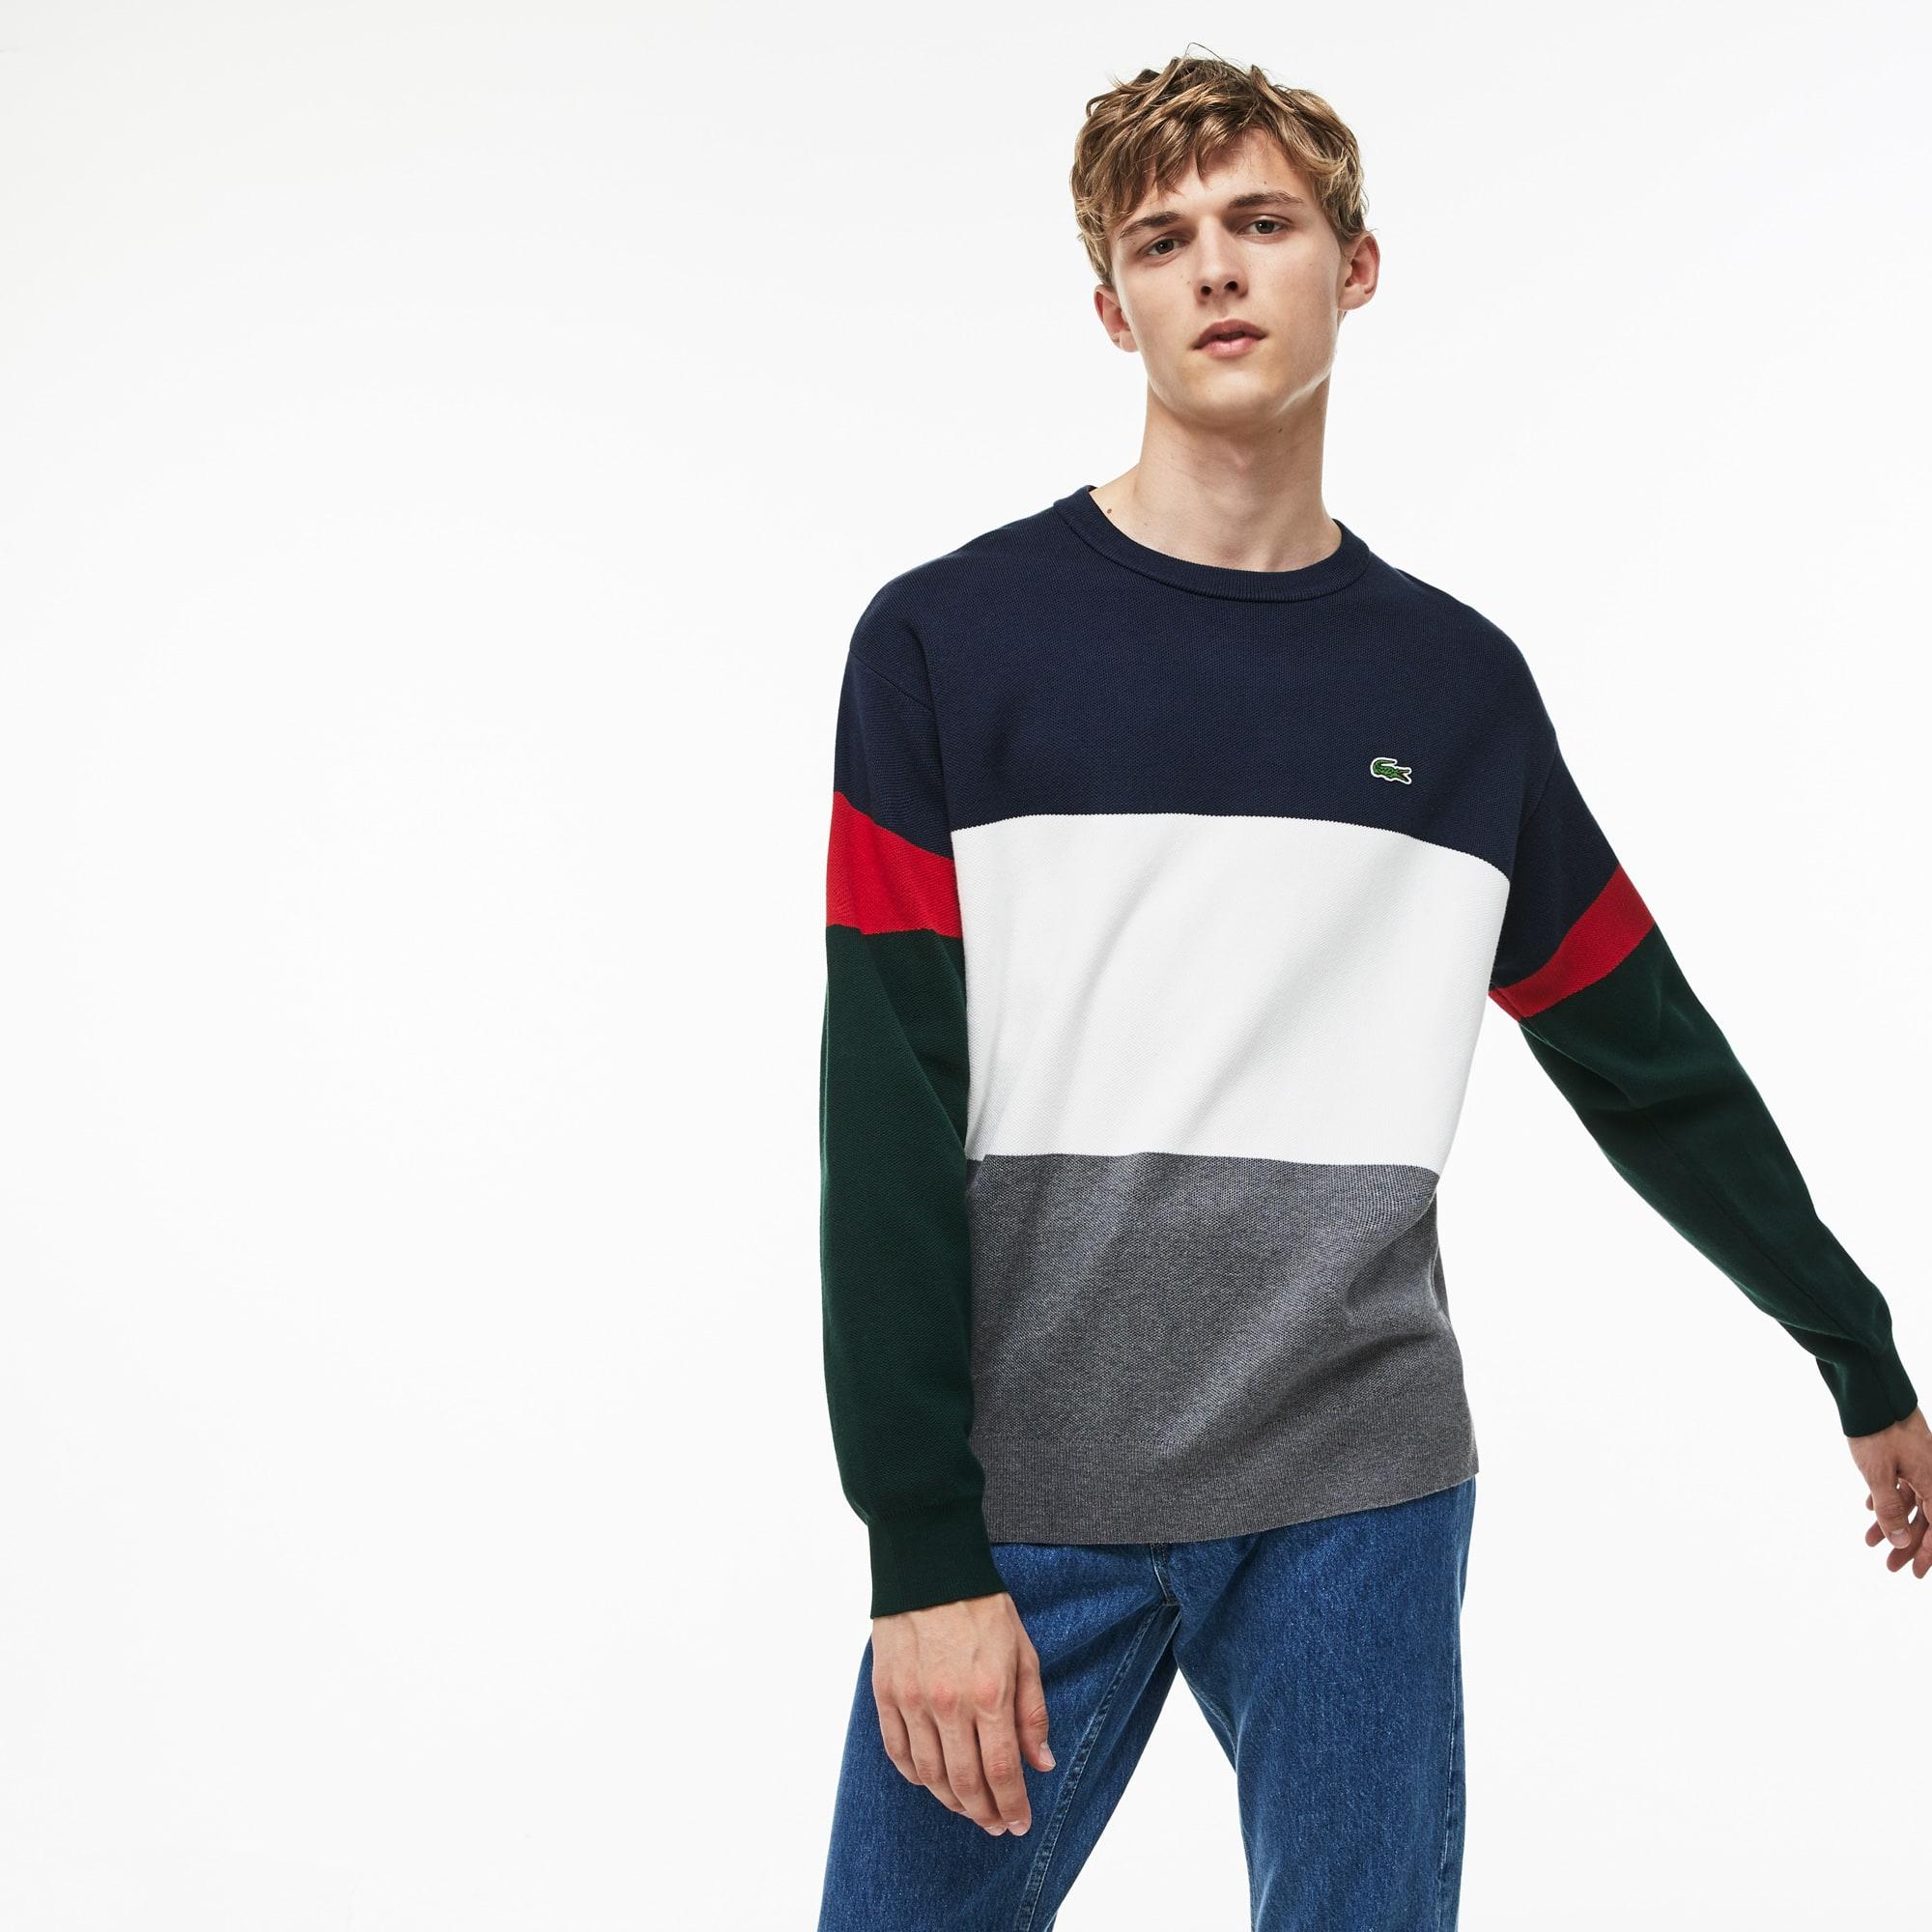 Camisola com decote redondo em canelado liso em algodão color block